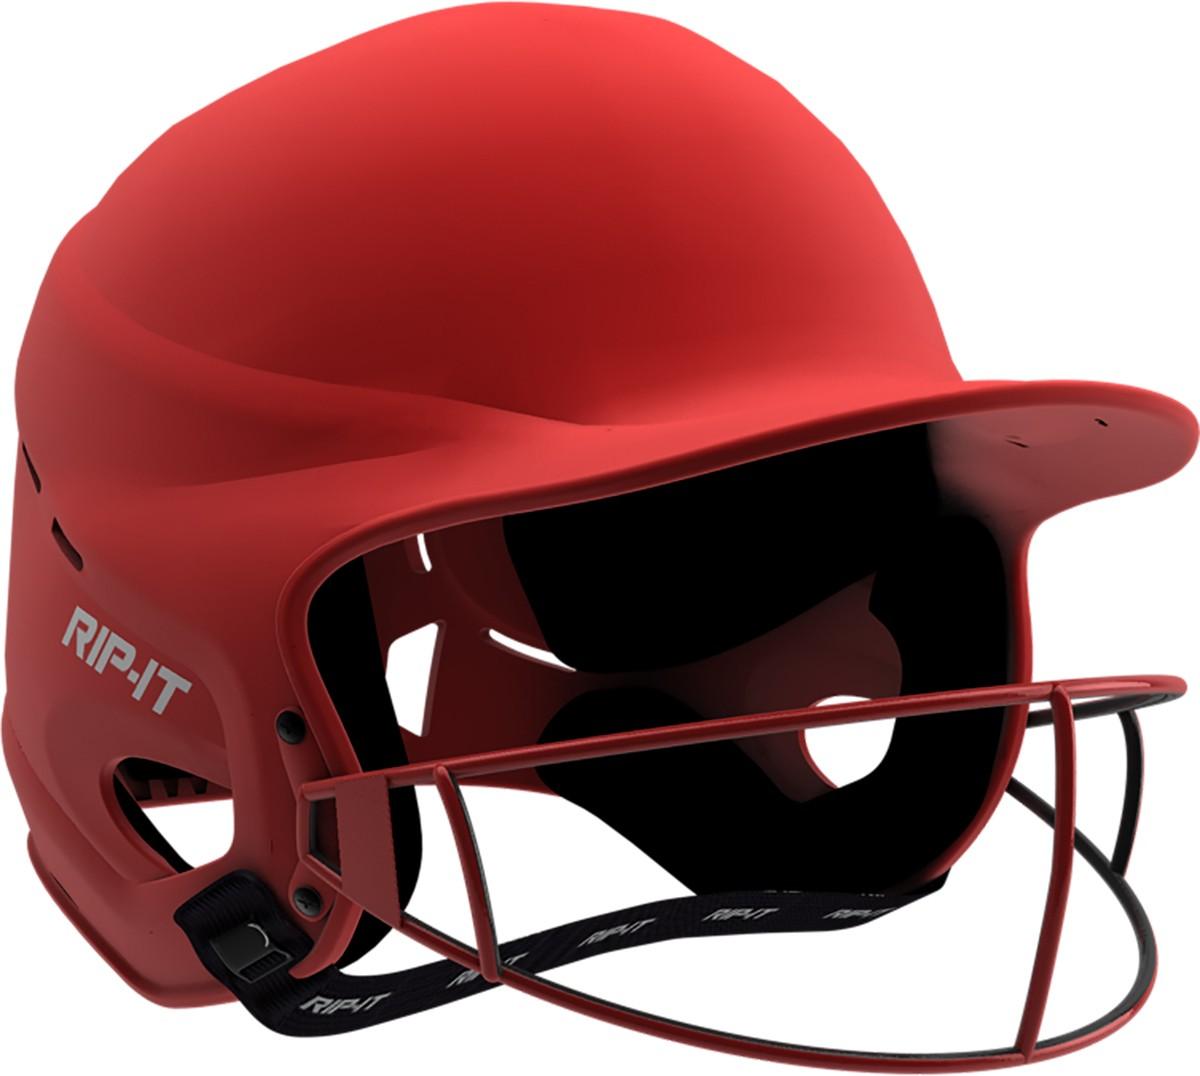 Rip-It Fastpitch Batting Helmet, MATTE, SMALL/MED